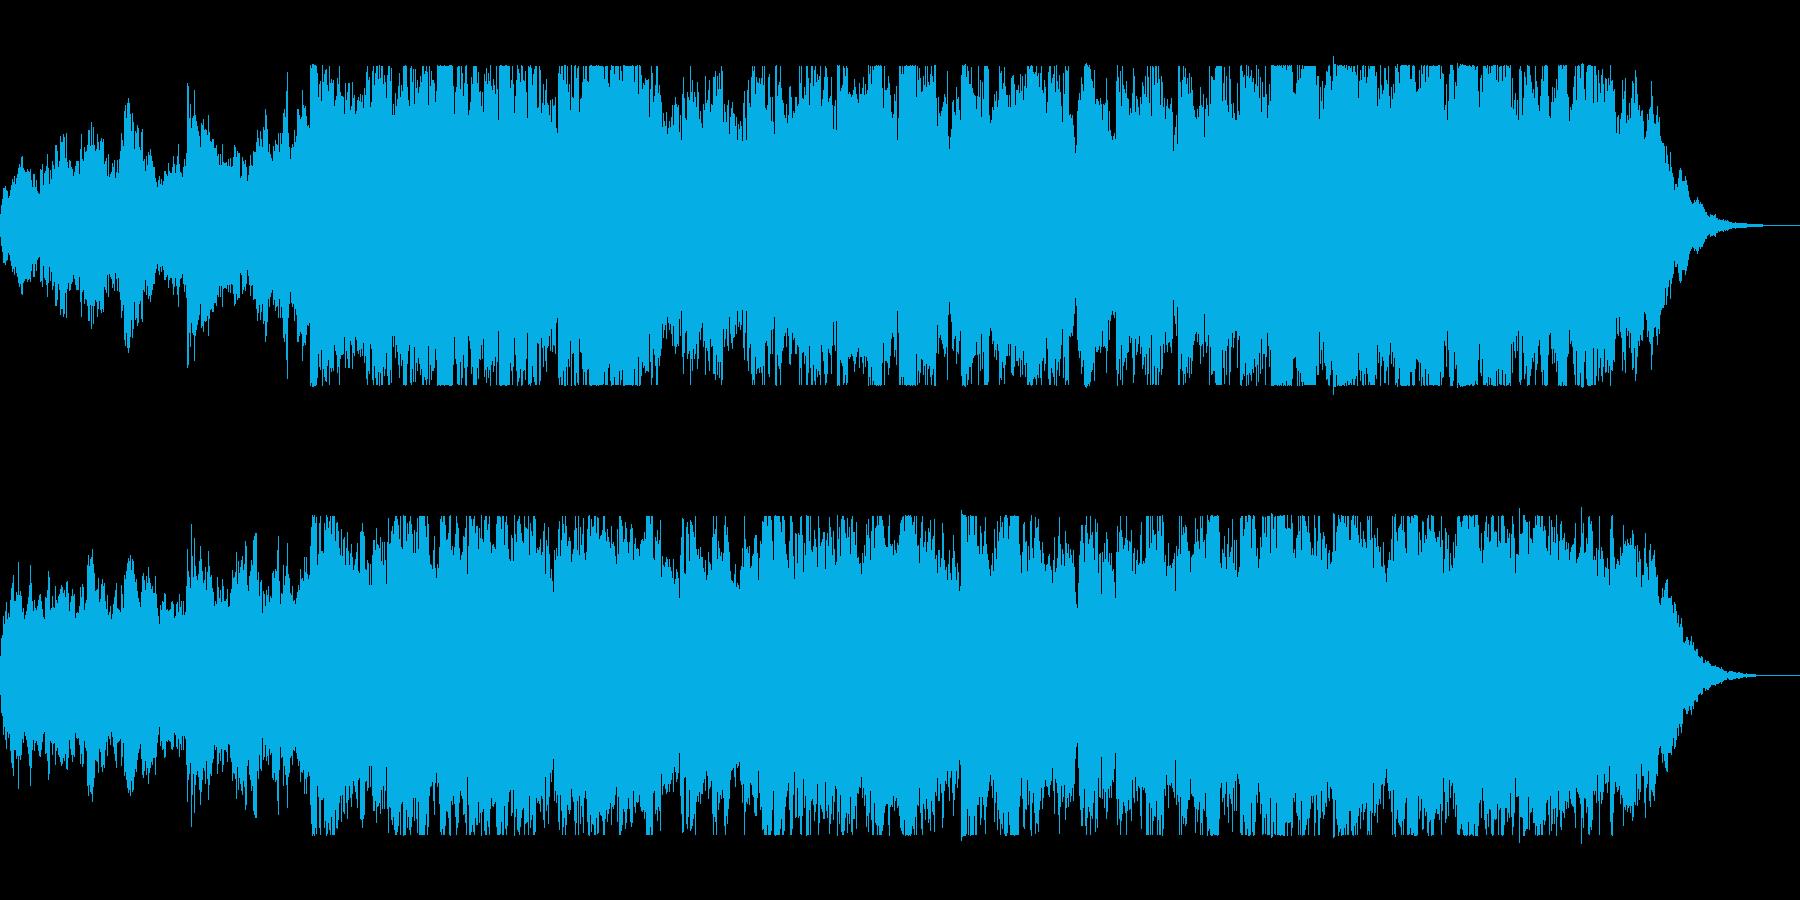 盛大で華麗なオーケストラサウンドの再生済みの波形